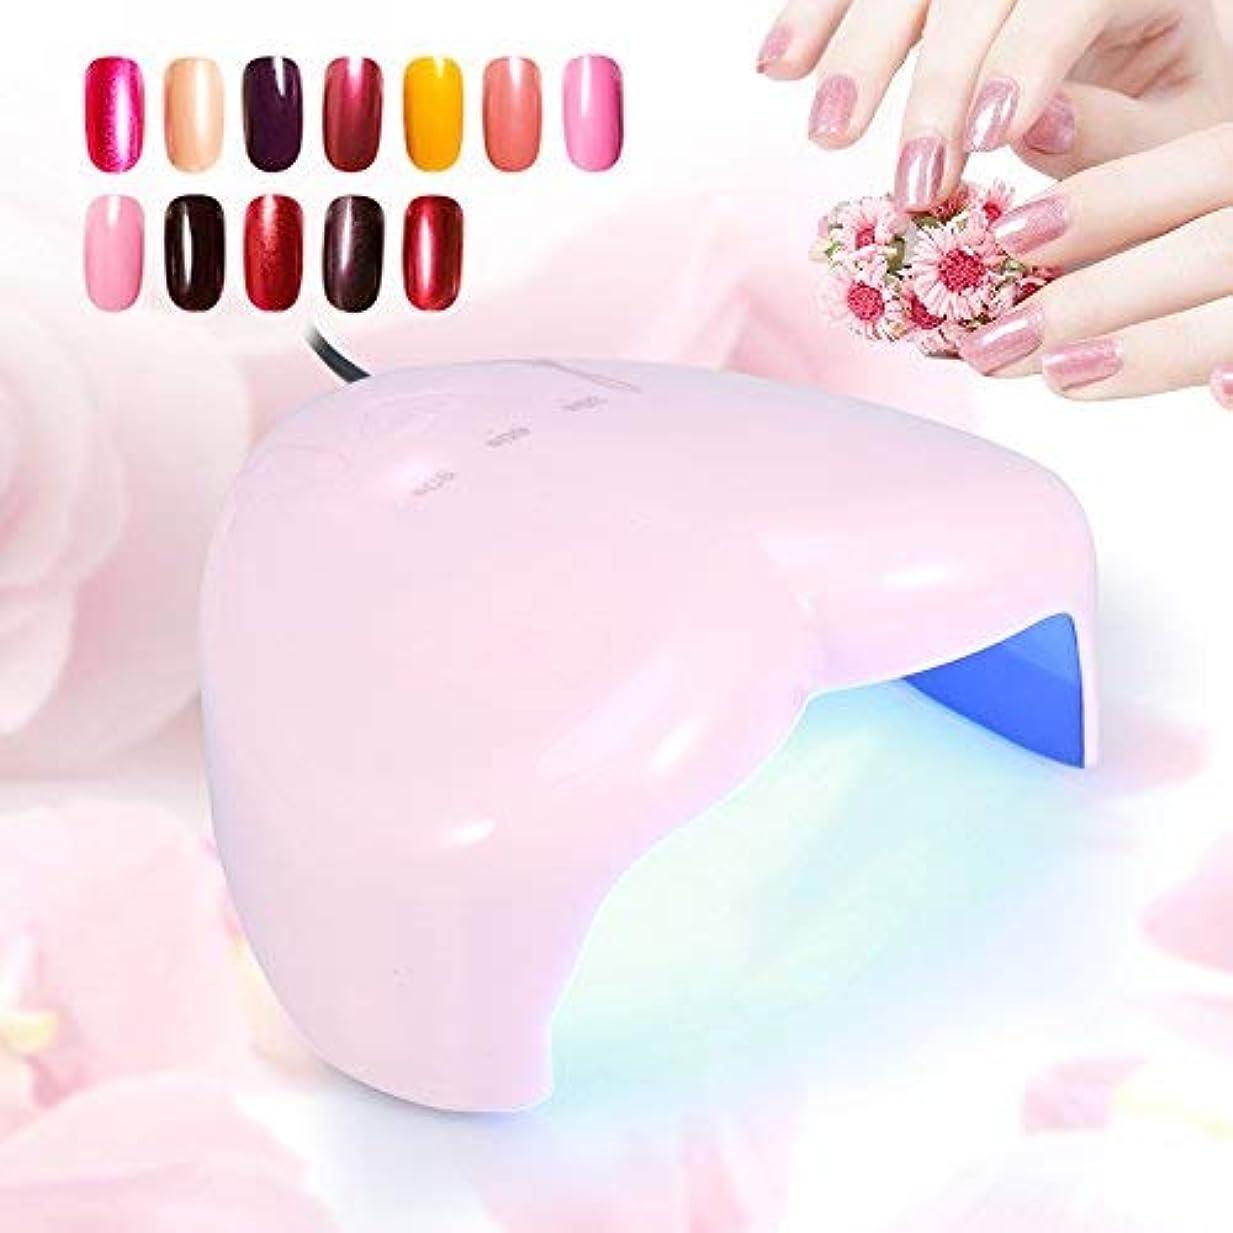 スリーブプレビュー活気づける18W ハート型 UV LEDランプ ネイルドライヤー ネイルポーランドアートツール ネイル用硬化ランプ(ピンク)